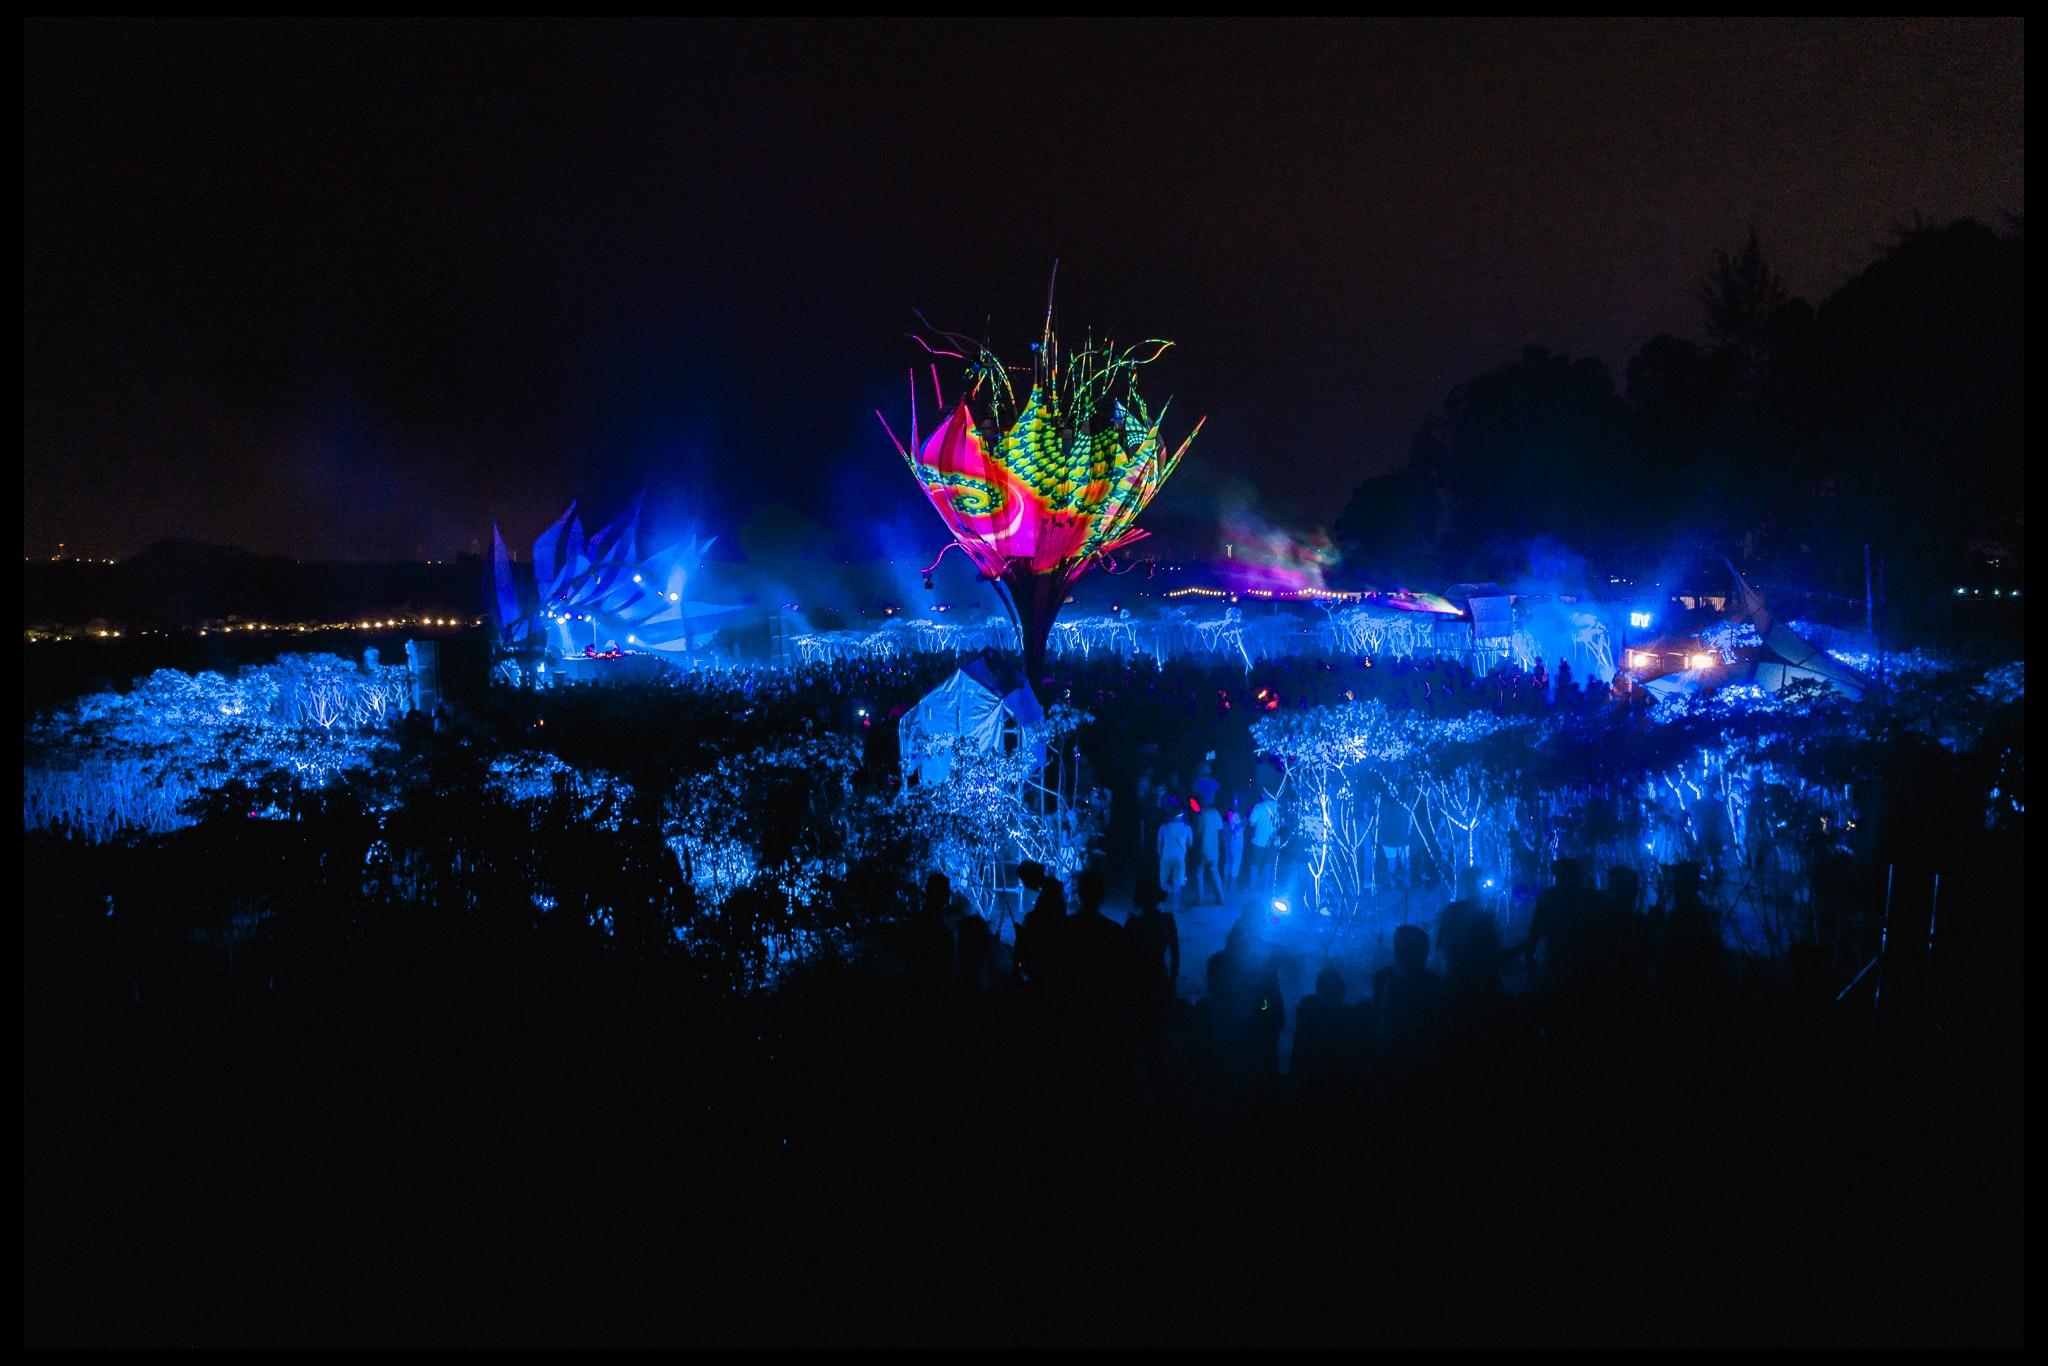 wonderfruit festival at night. Photo by wonderfruit